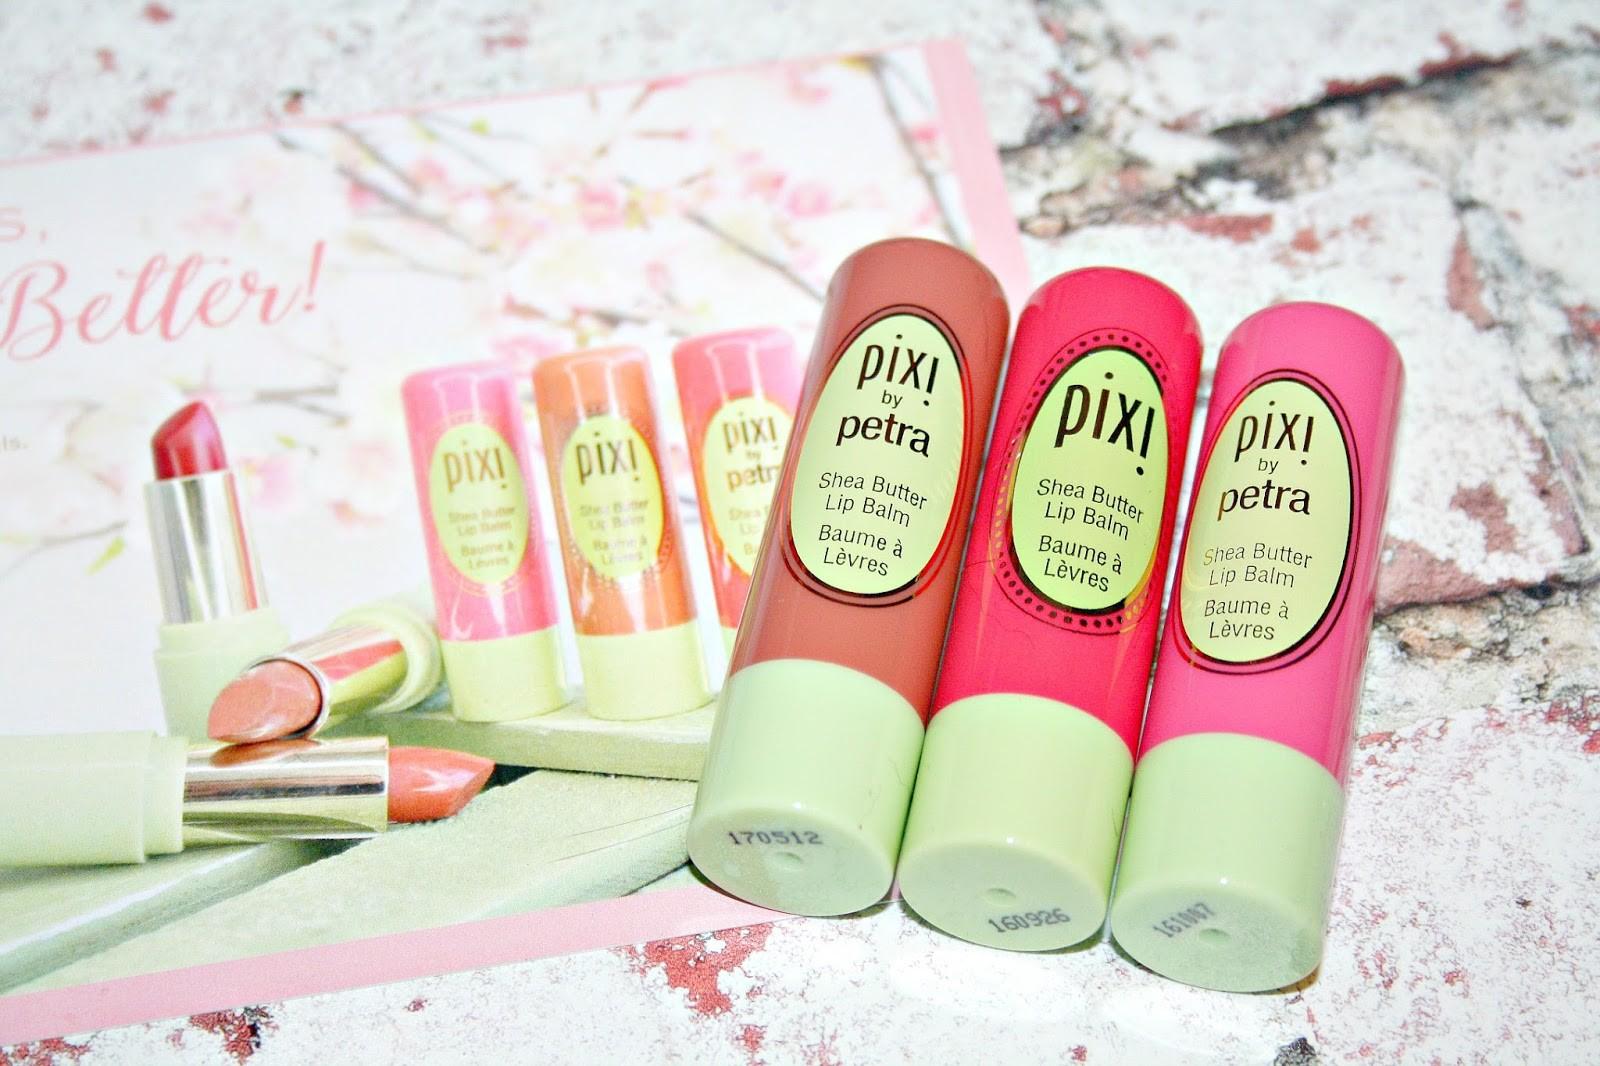 pixi-by-petra-shea-butter-lip-balm